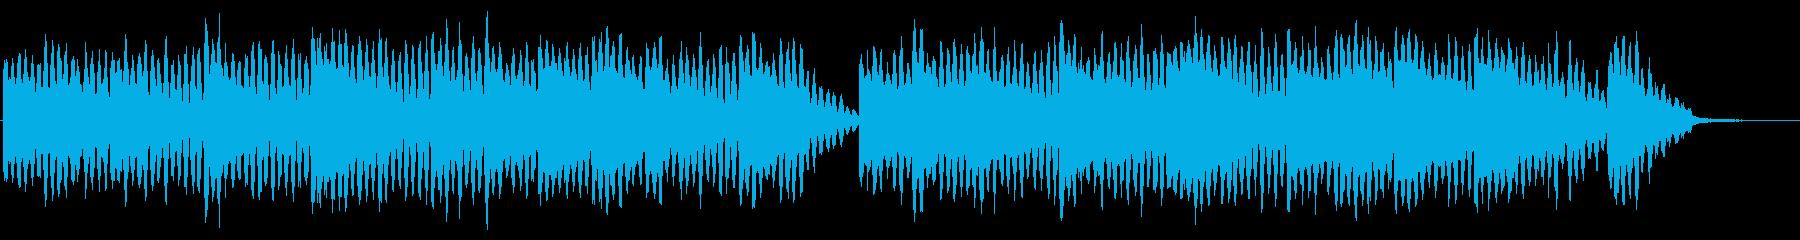 サスペンス・ドラマのタイトル曲の再生済みの波形